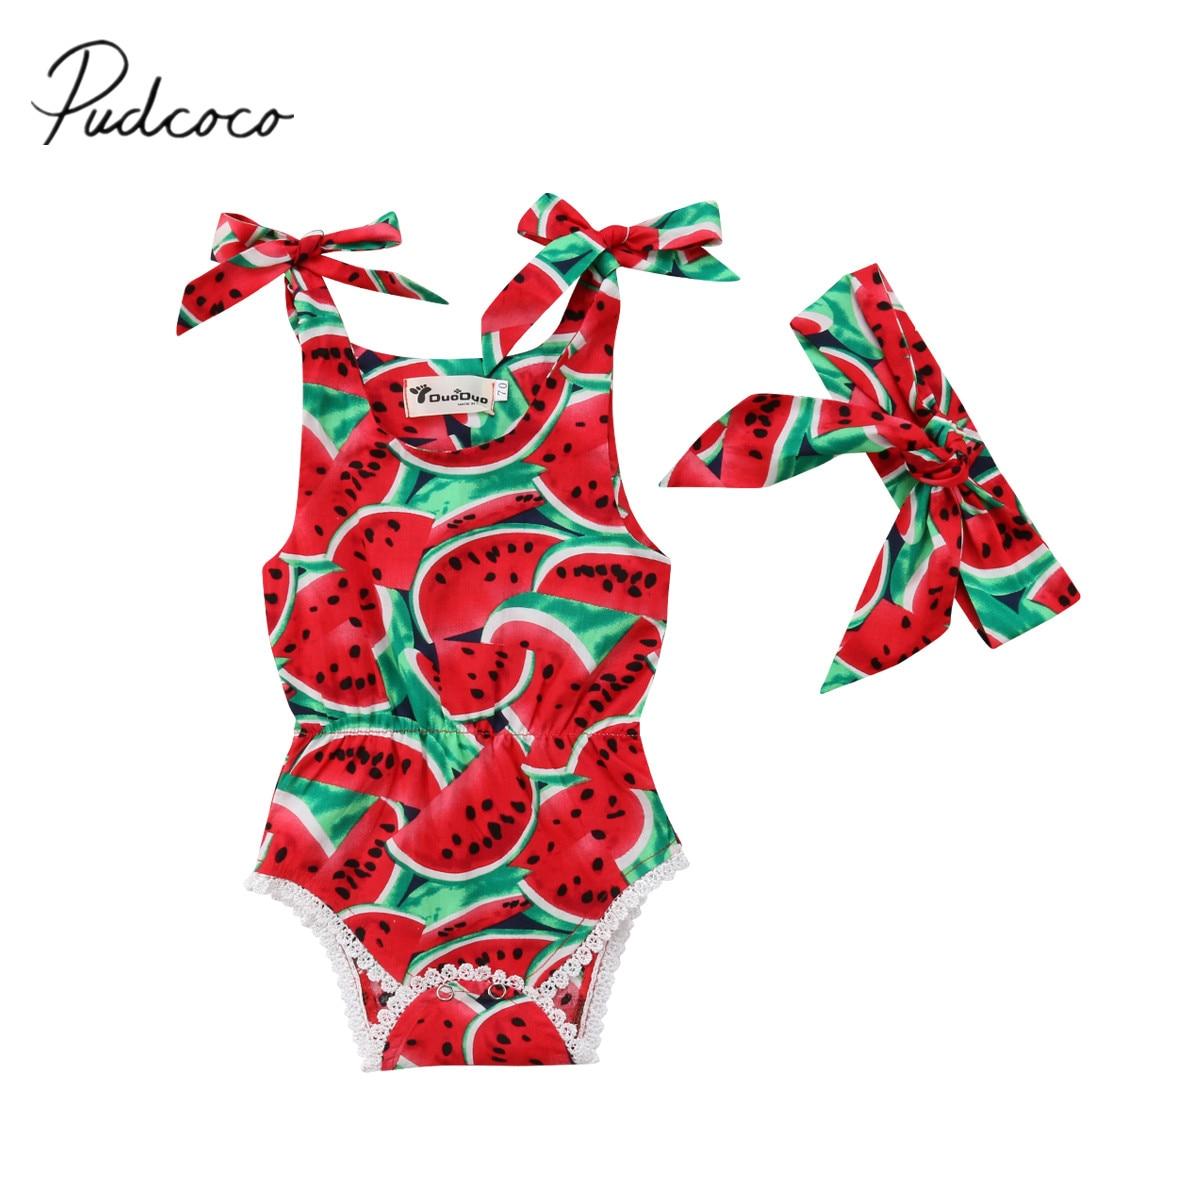 2018 Marke Neue 0-24 Mt Sommer Neugeborenen Kleinkind Baby Mädchen Romper 2 Stücke Sleeveless Wassermelone Druck Elastische Taille Overall + Stirnband